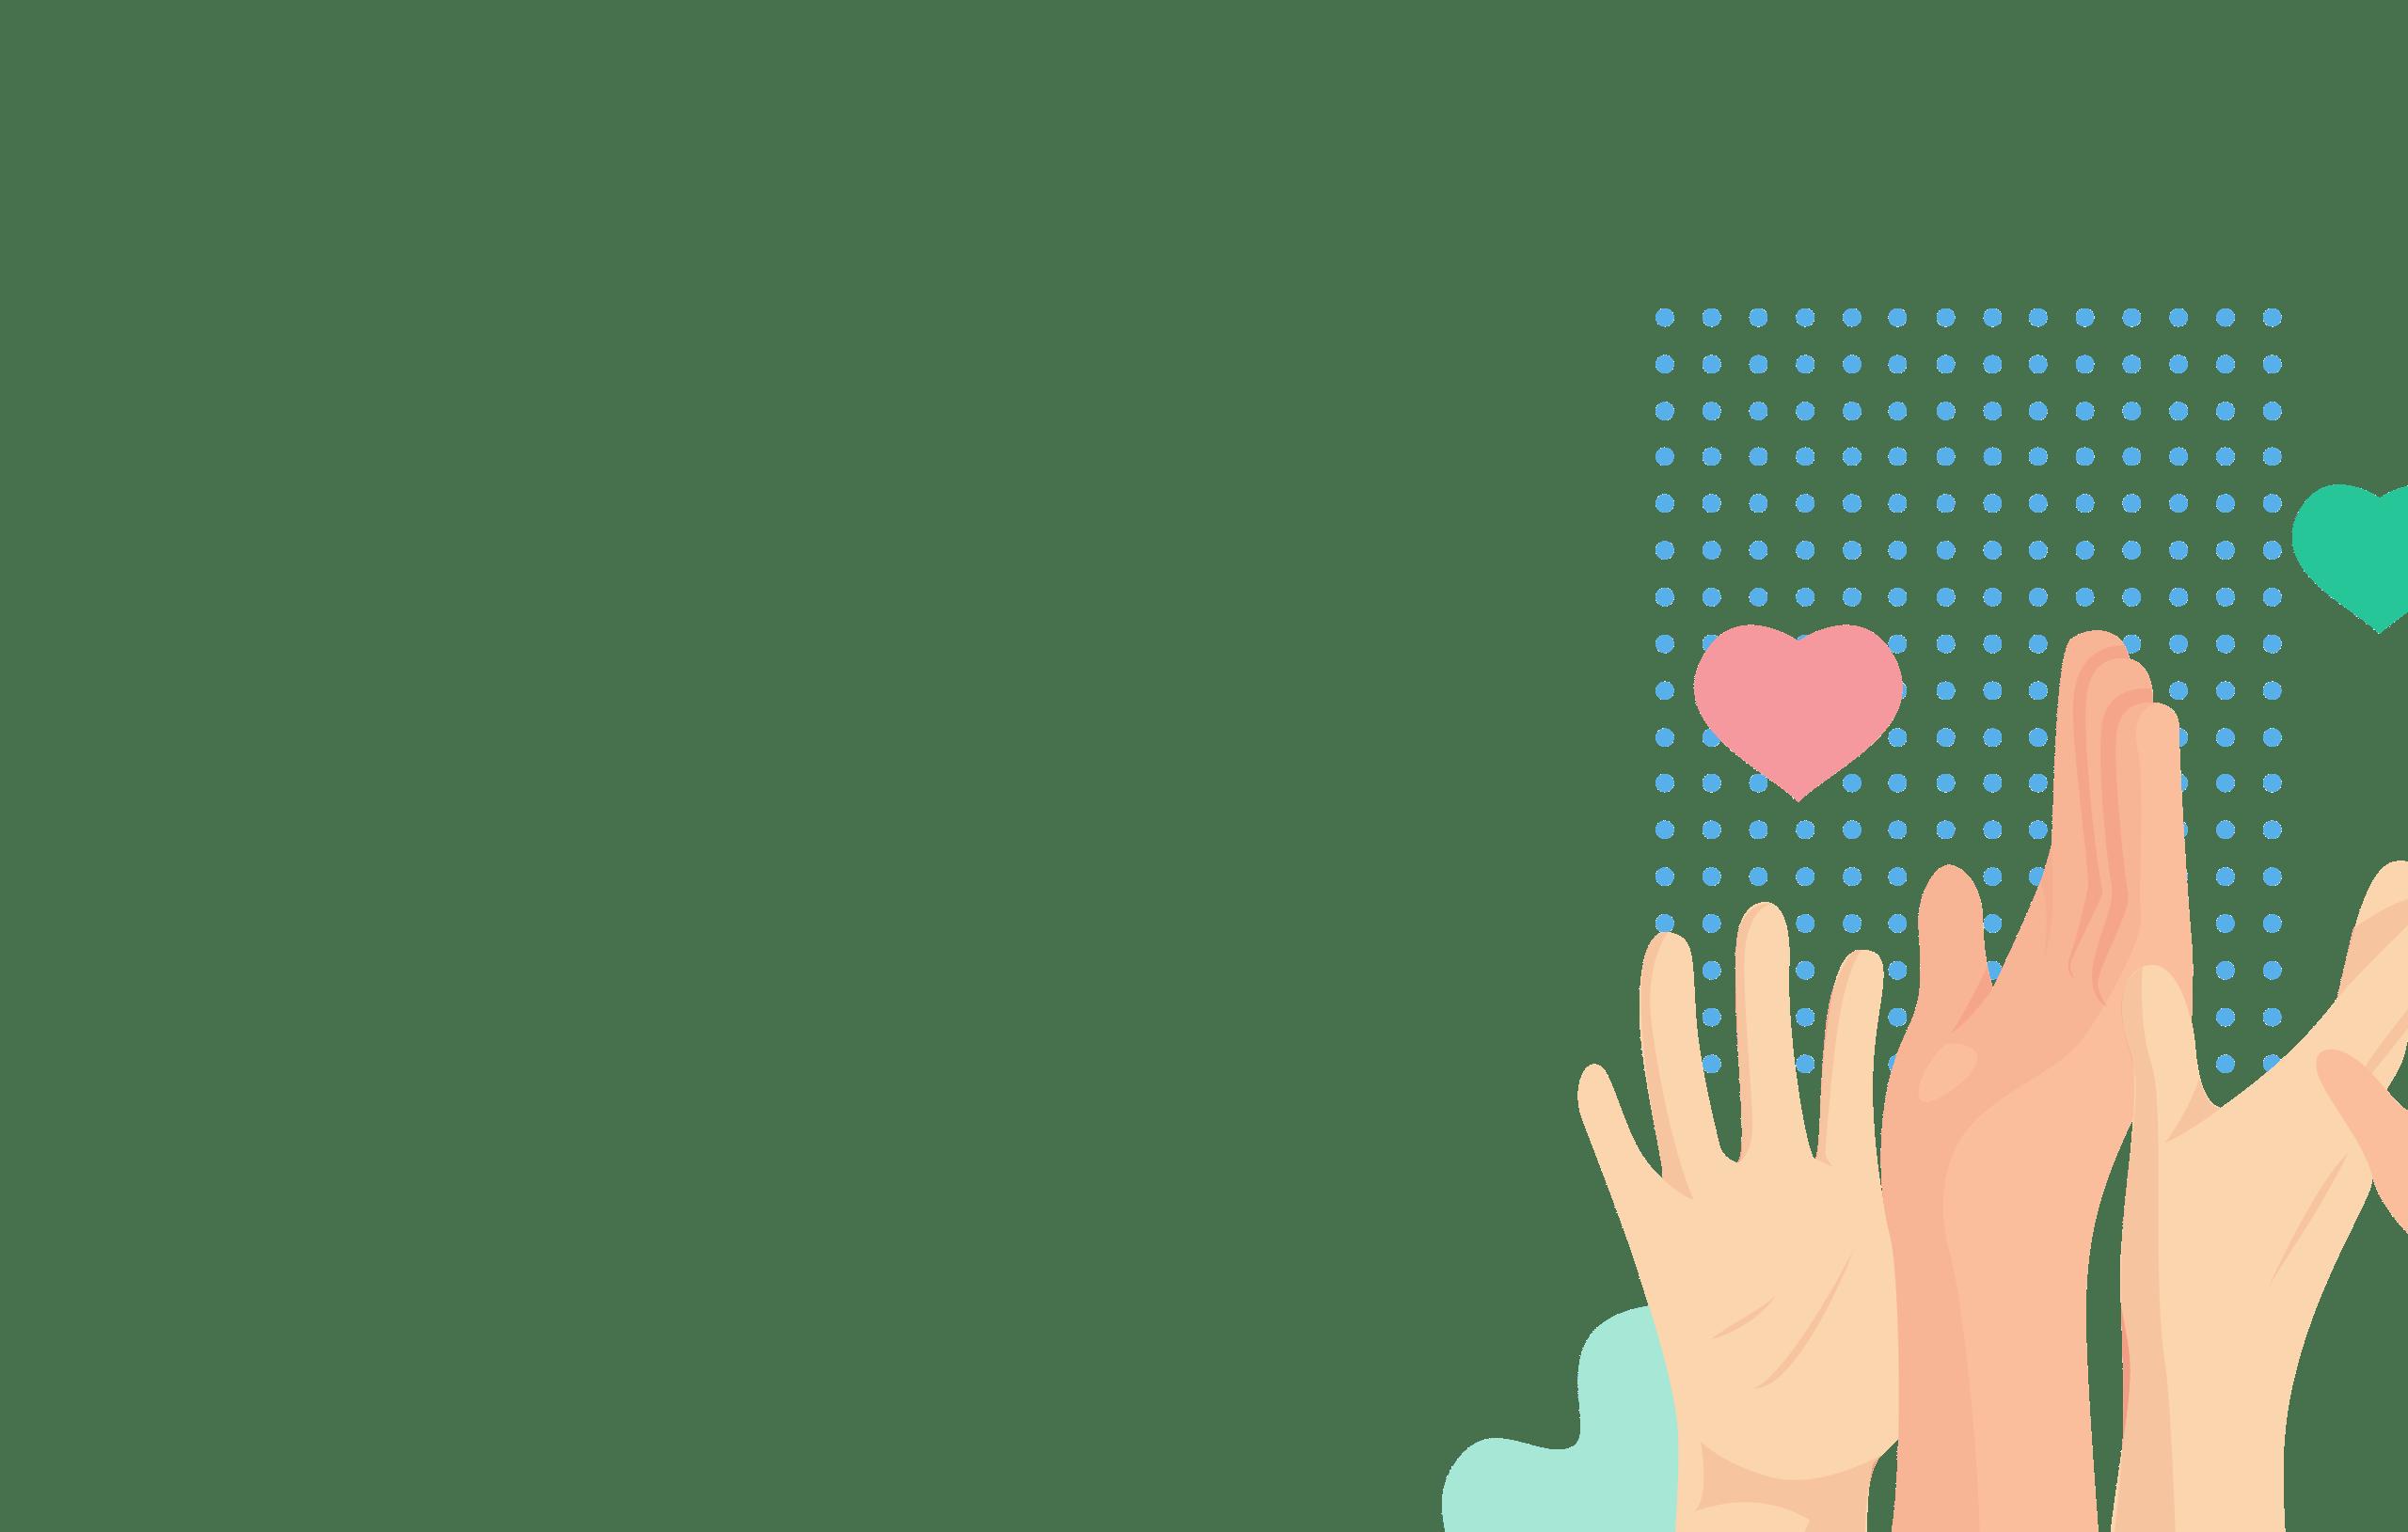 mains en l'air et coeurs